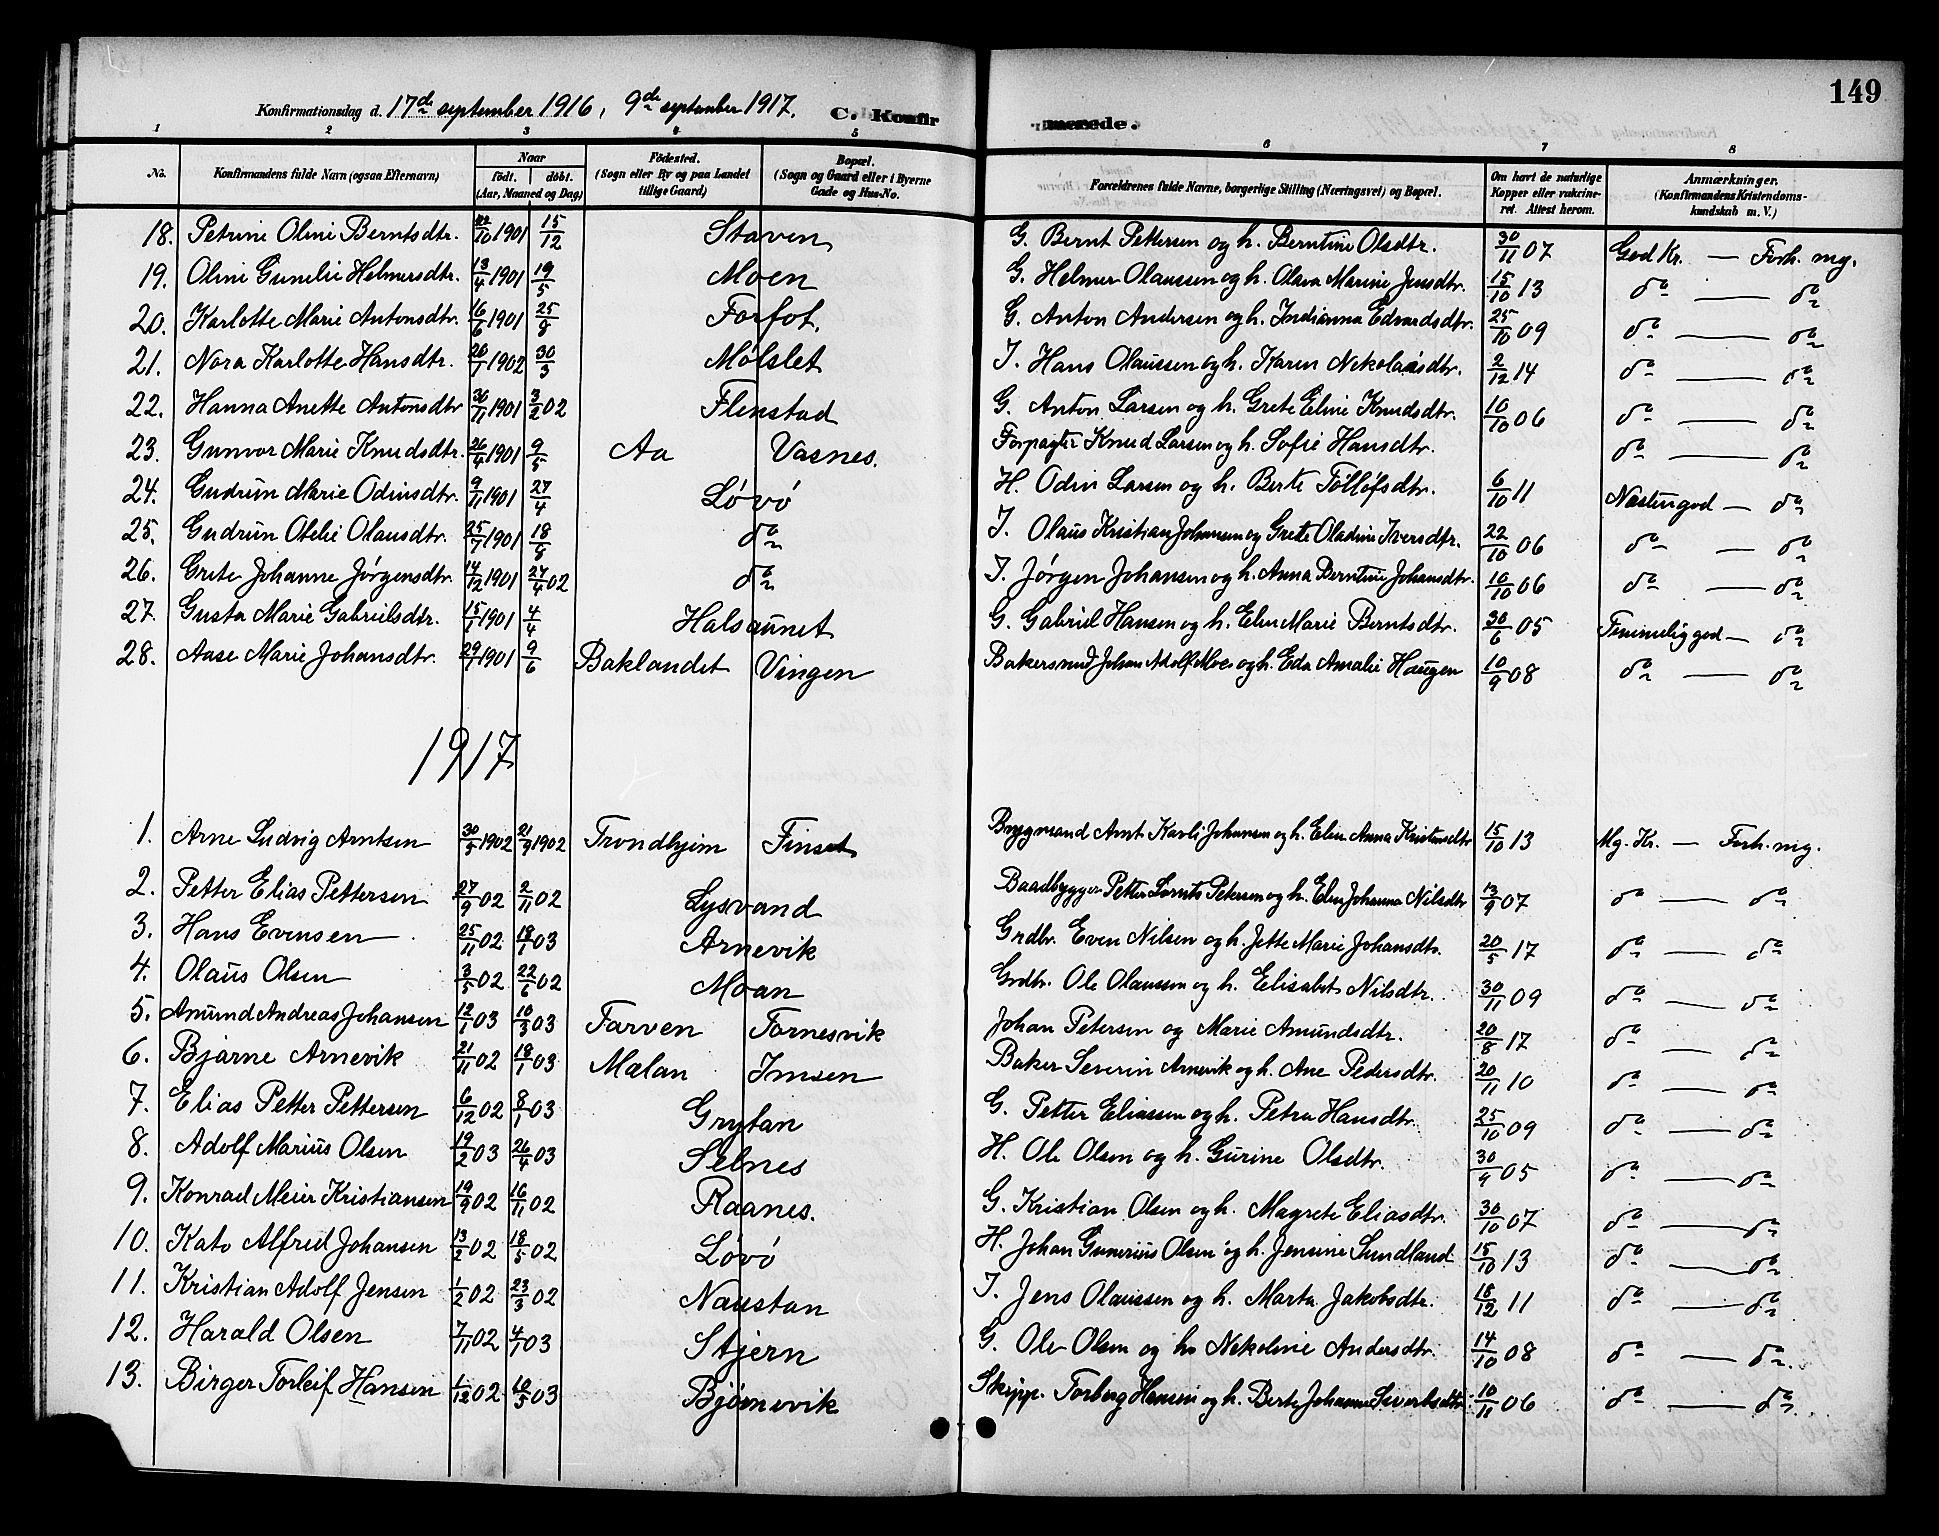 SAT, Ministerialprotokoller, klokkerbøker og fødselsregistre - Sør-Trøndelag, 655/L0688: Klokkerbok nr. 655C04, 1899-1922, s. 149